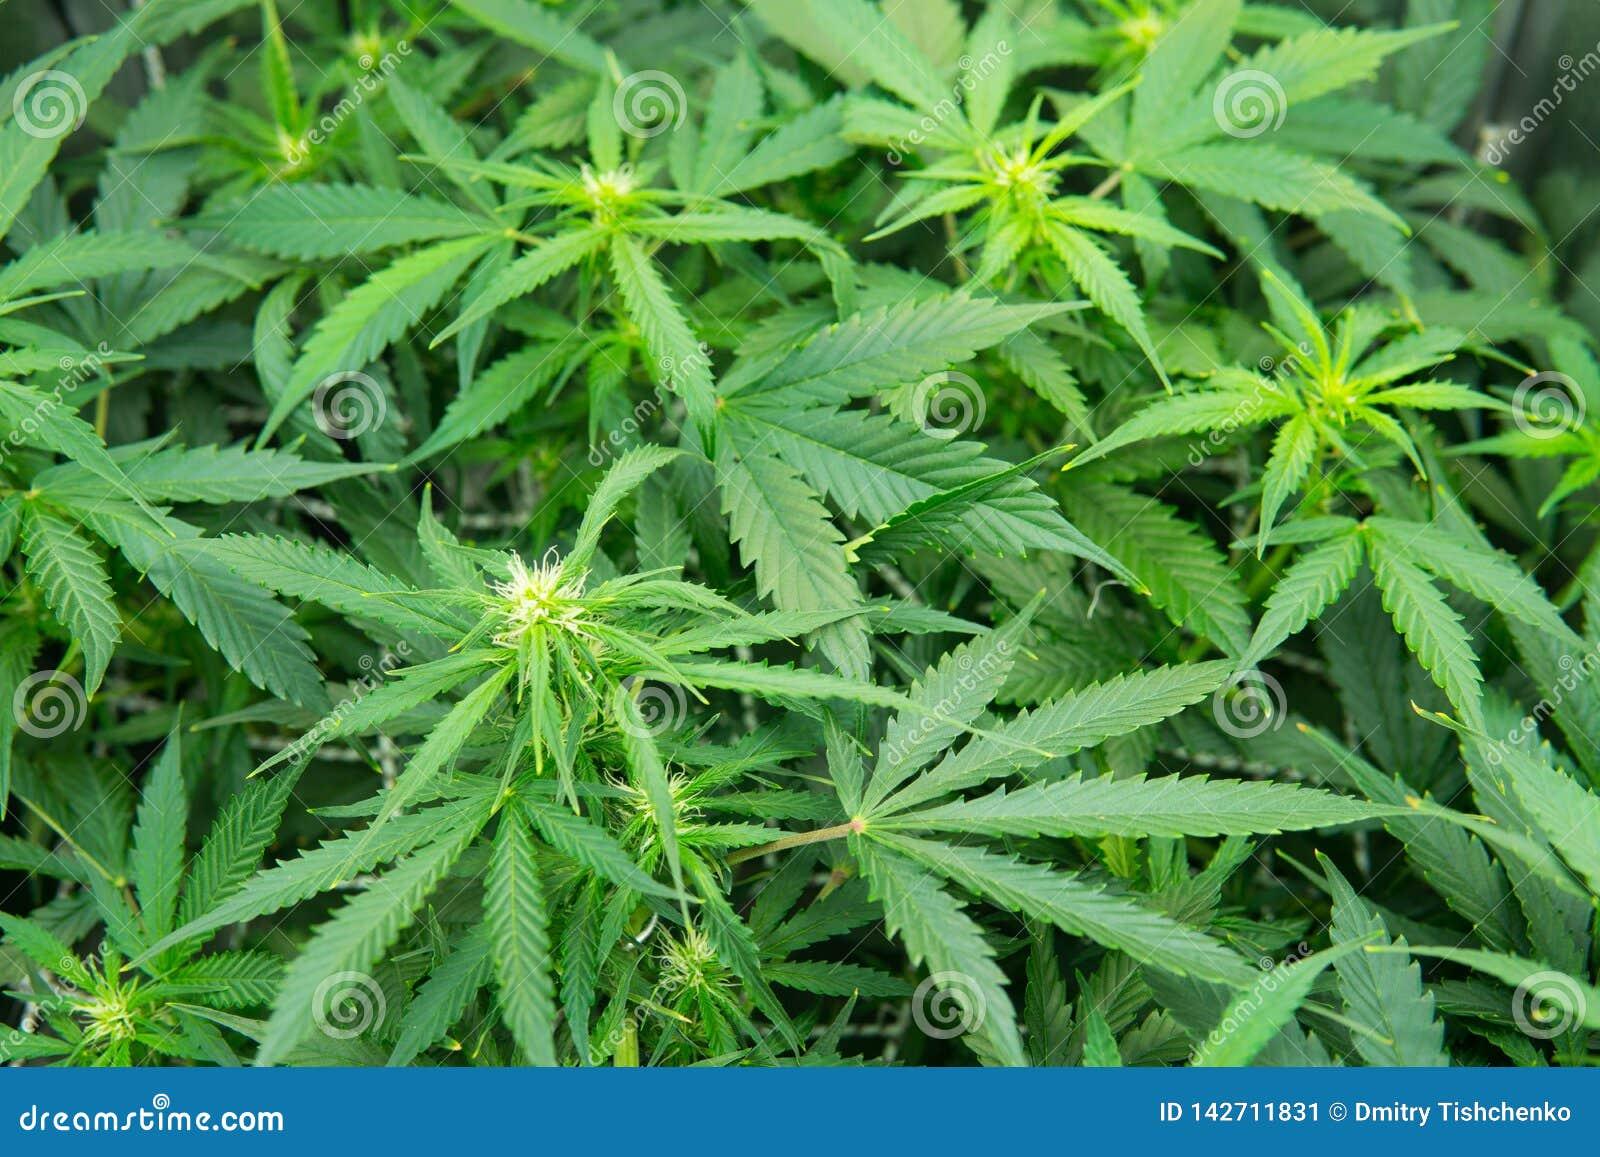 Выращивание марихуаны скачать собрать пыльцу марихуаны